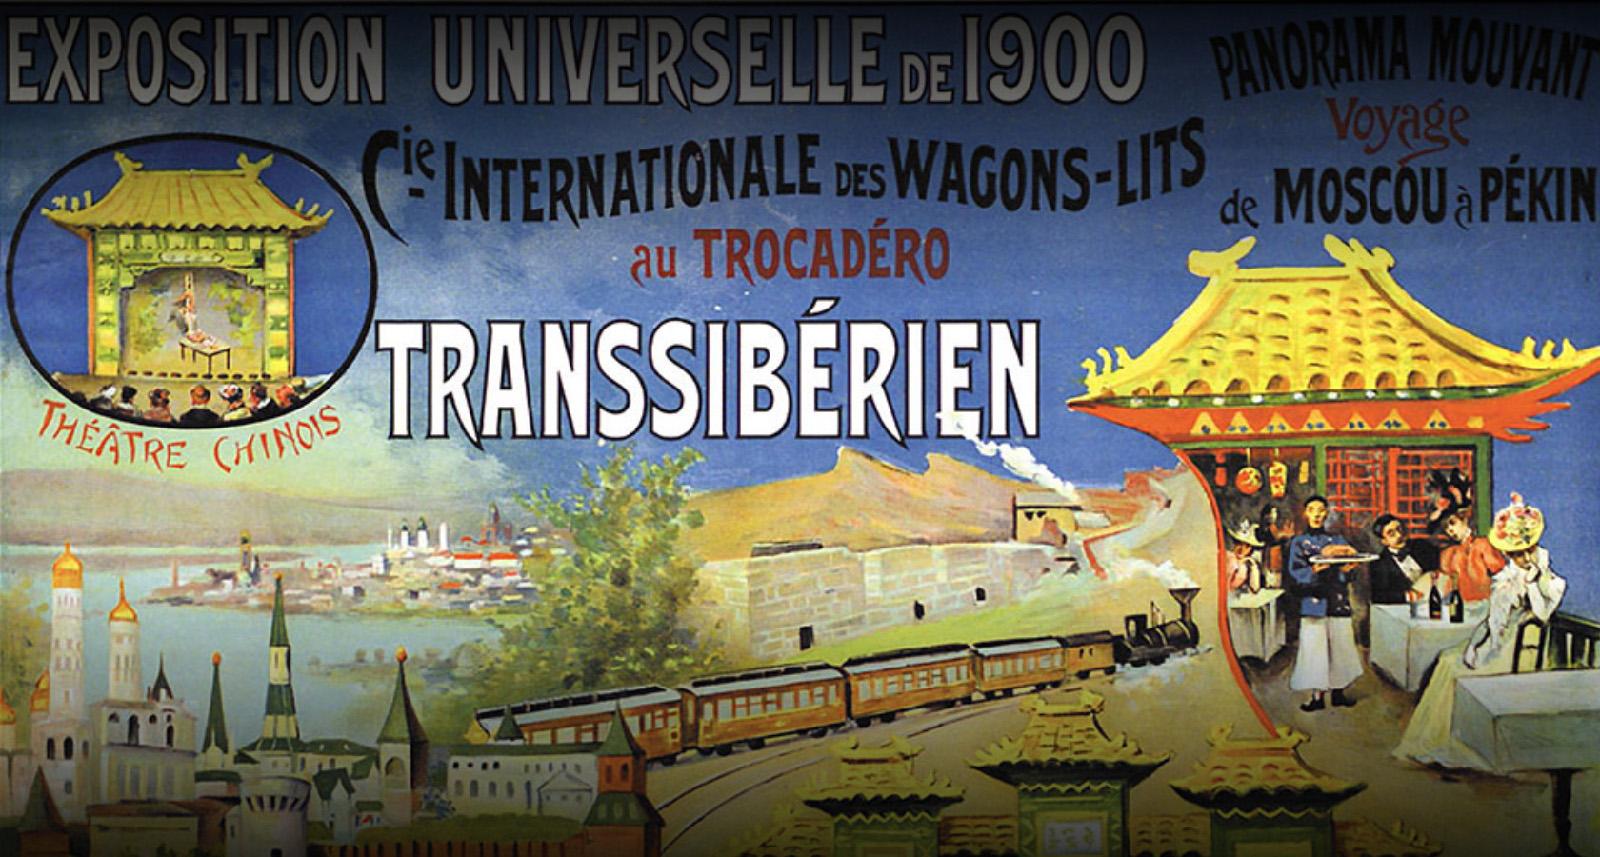 Рекламная афиша на Всемирной выставке в Париже 1900 г.